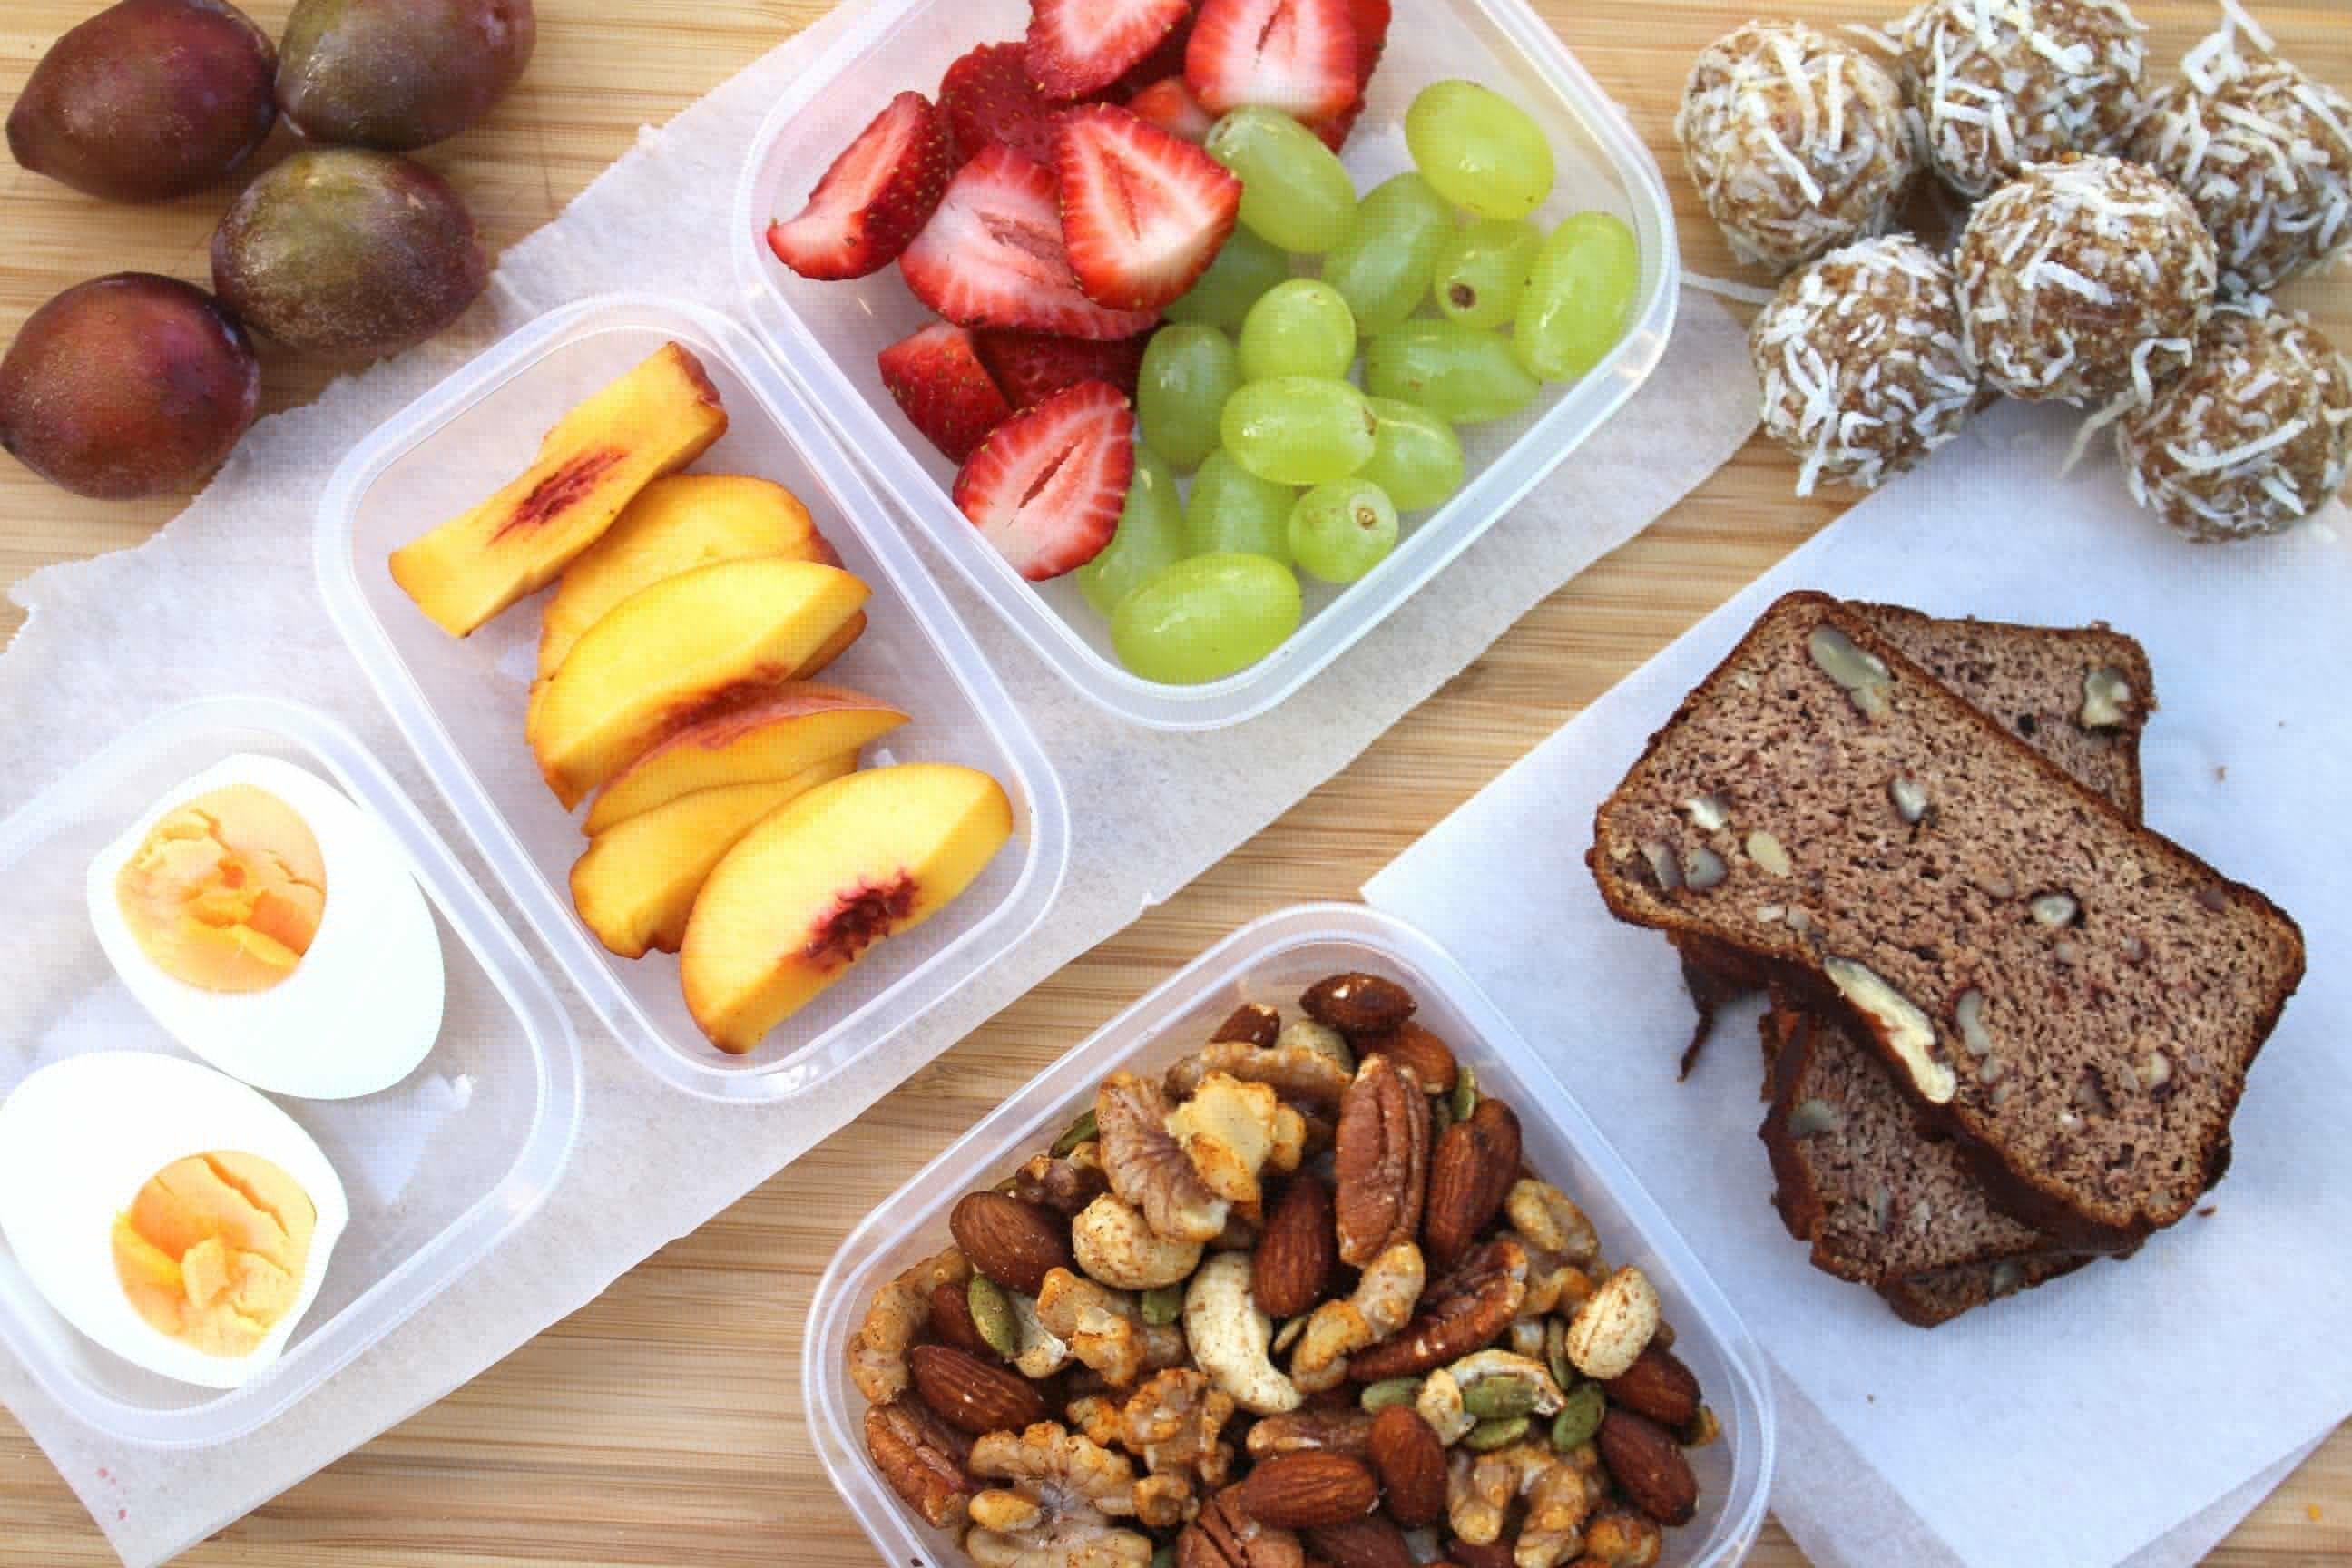 Правильный Полдник Для Похудения. Правильные полезные перекусы на ПП питании: варианты и рецепты